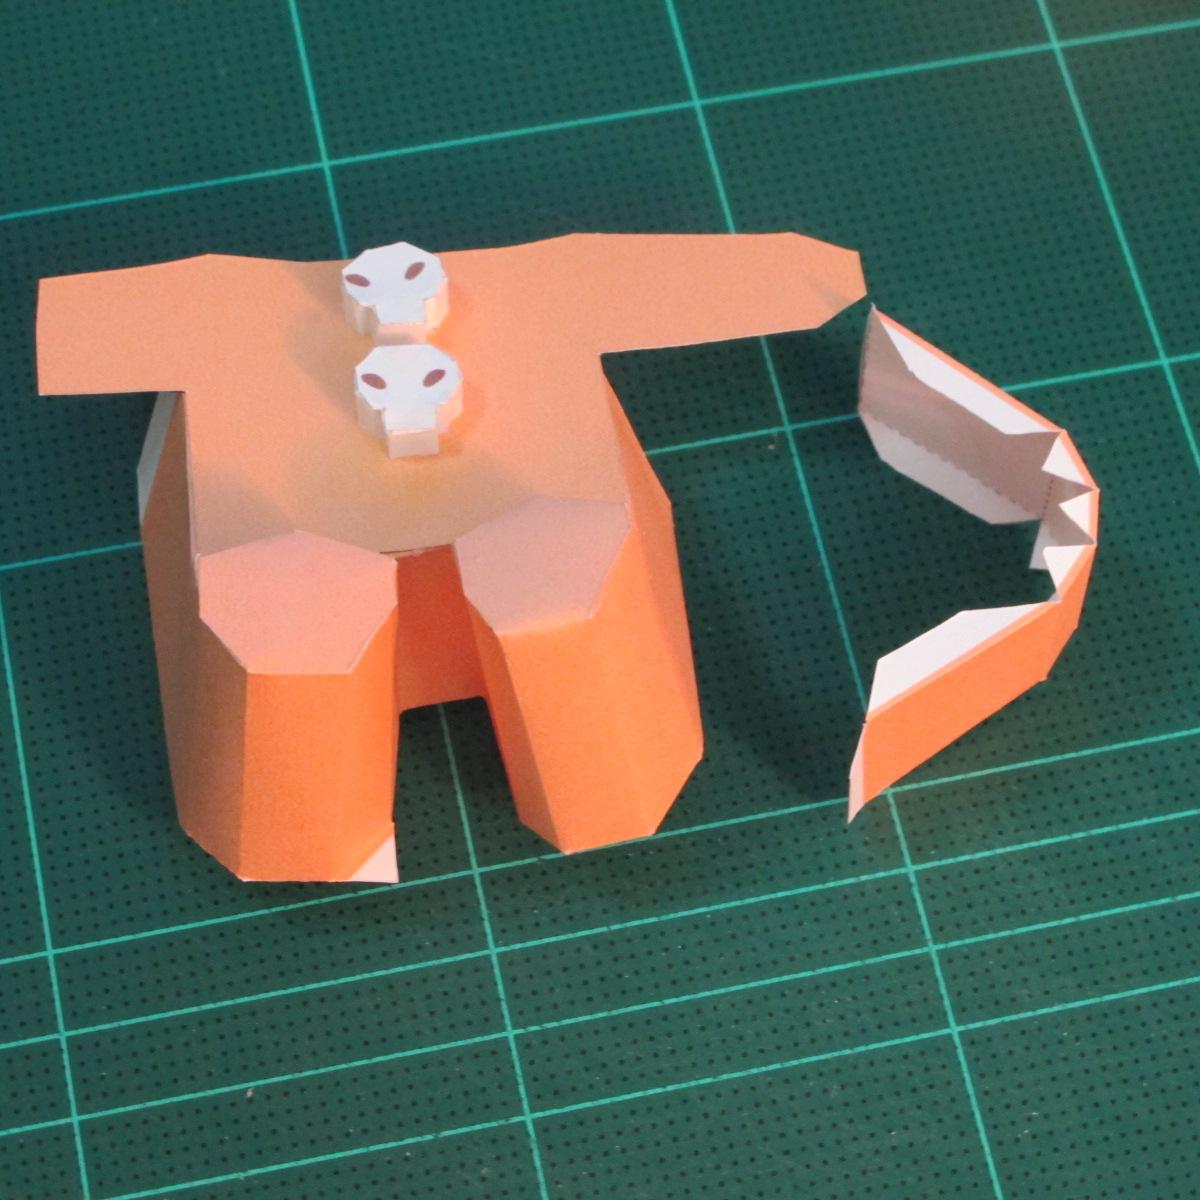 วิธีทำโมเดลกระดาษตุ้กตาคุกกี้รัน คุกกี้ผู้กล้าหาญ แบบที่ 2 (LINE Cookie Run Brave Cookie Papercraft Model Version 2) 018